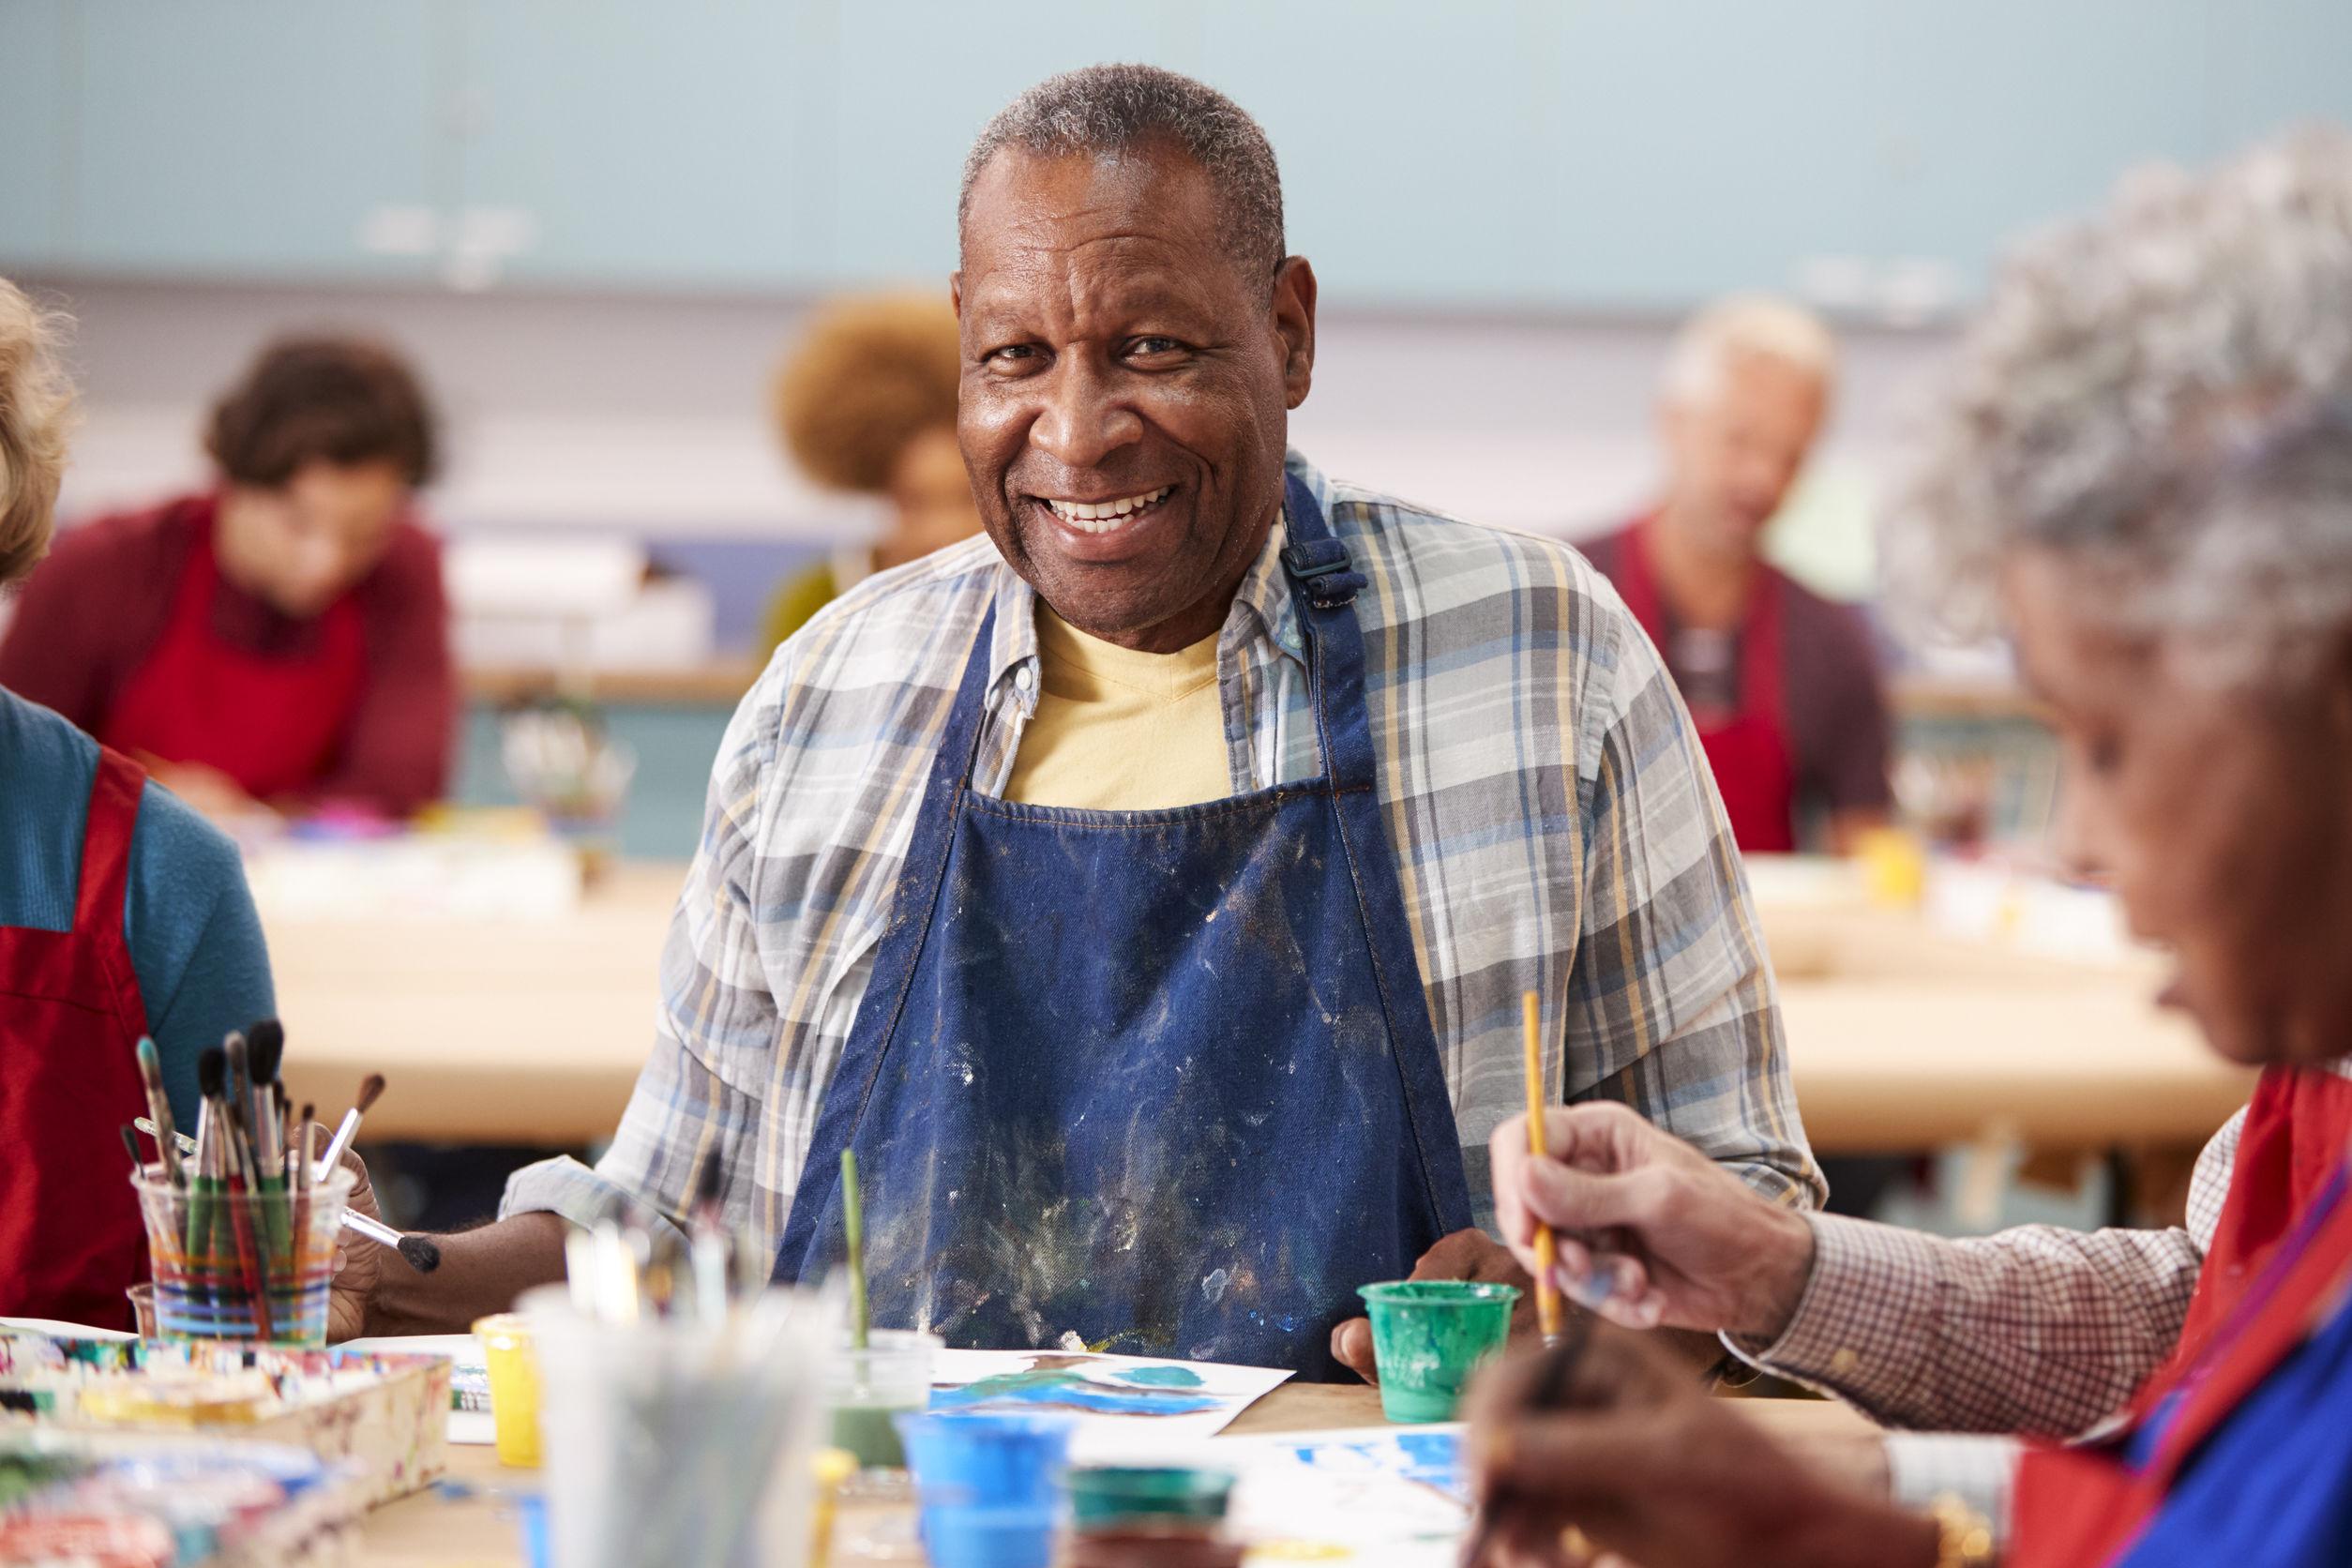 Portrait Of Retired Senior Man Attending Art Class